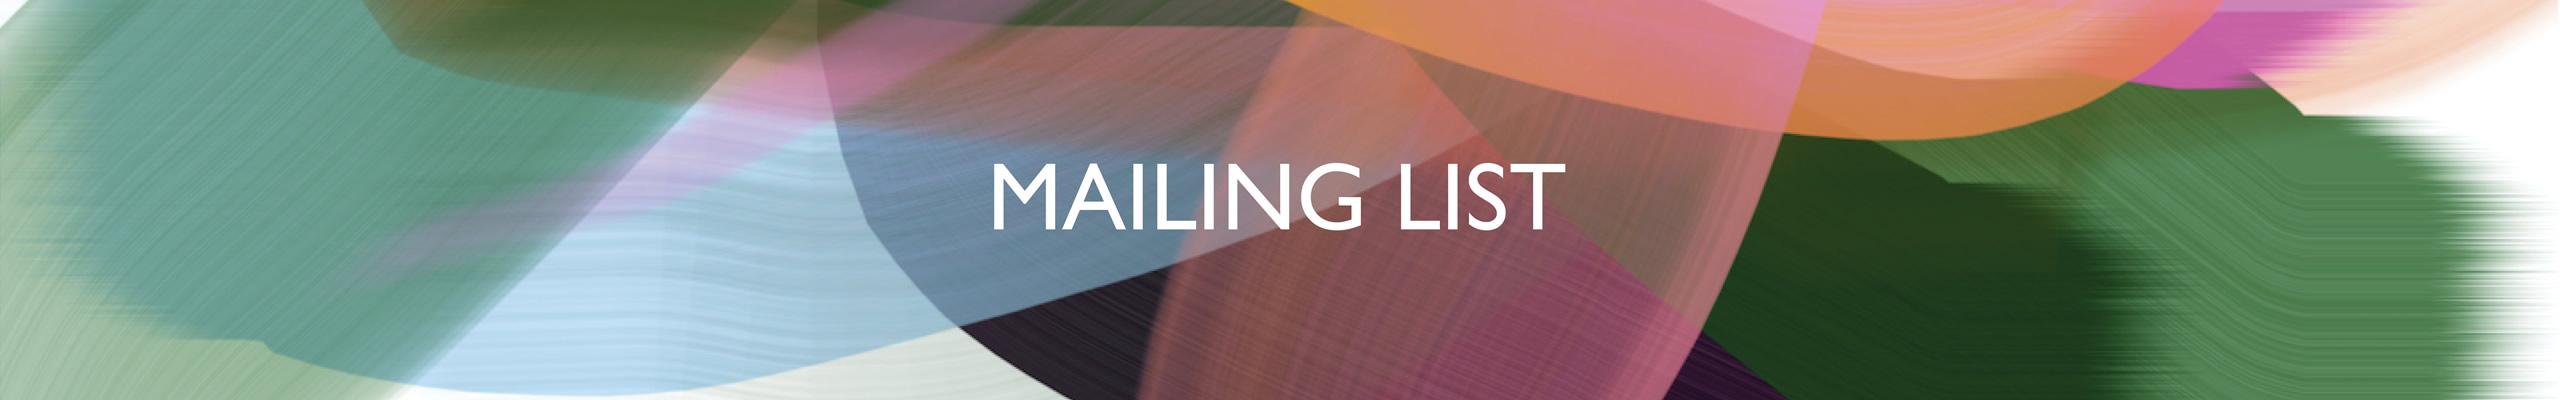 Mailing List Online Art Galleries